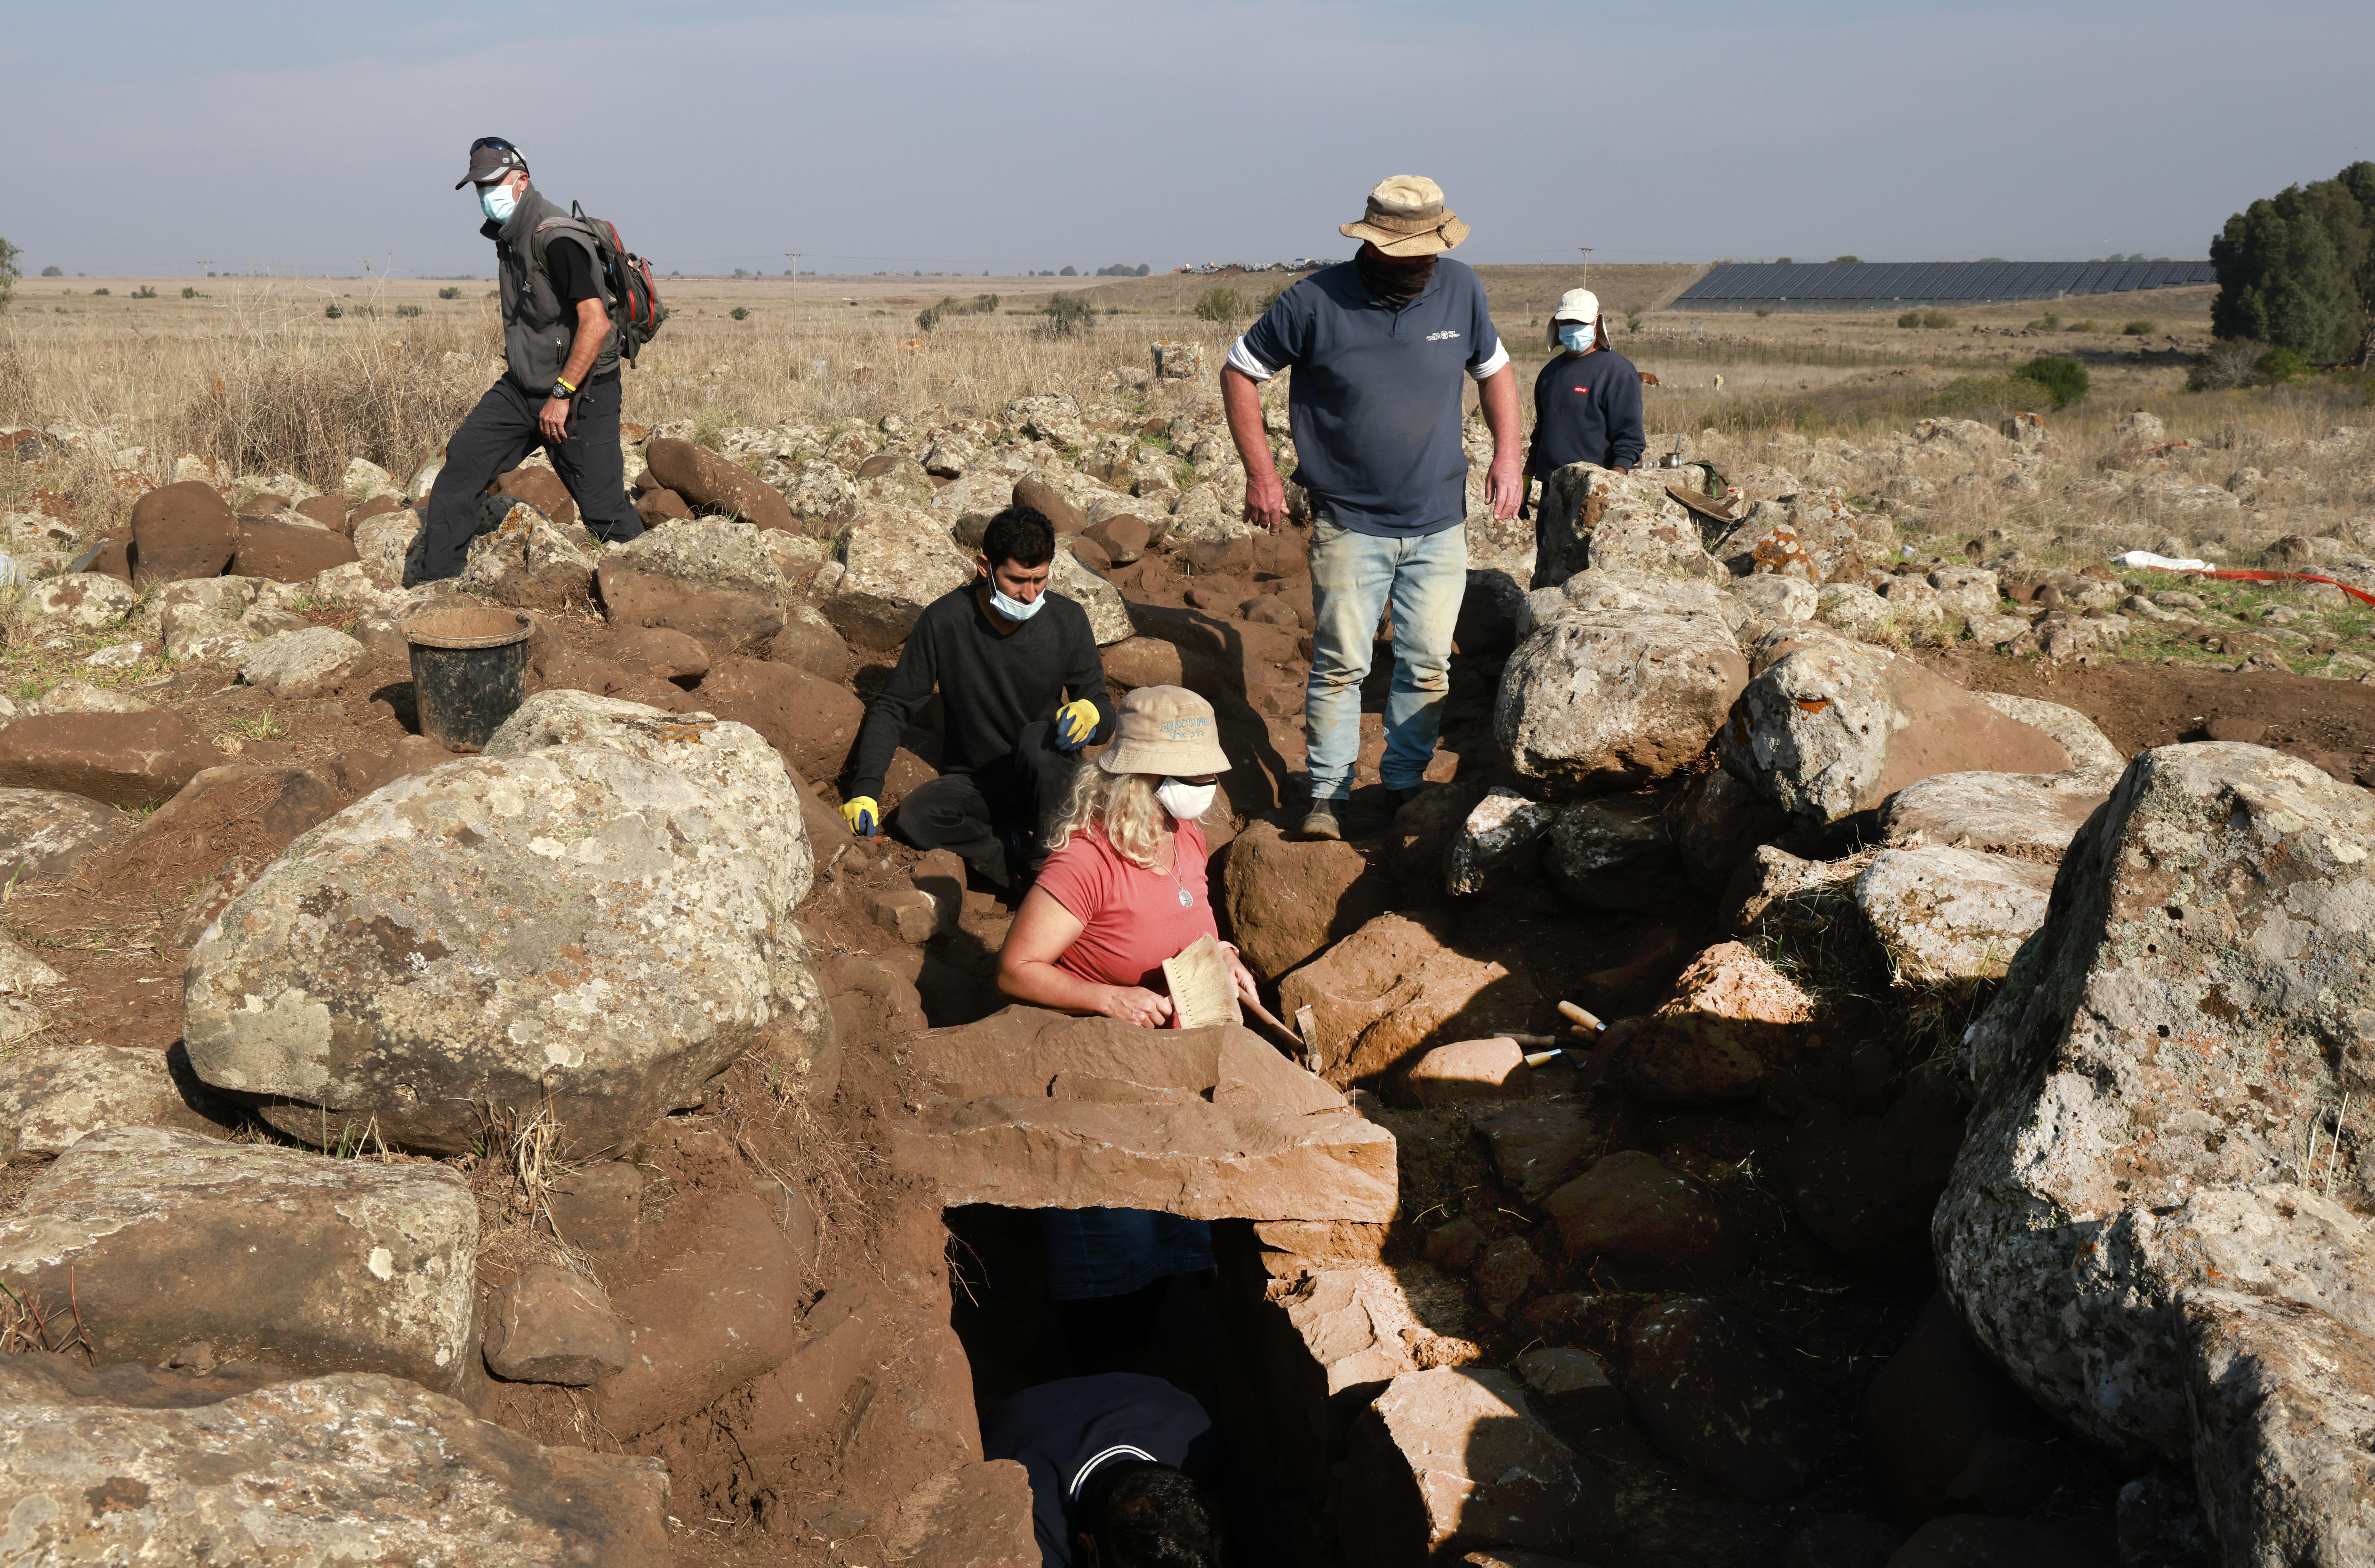 Egy most feltárt 3000 éves erőd lehet az első bizonyíték a gesuriták létezésére